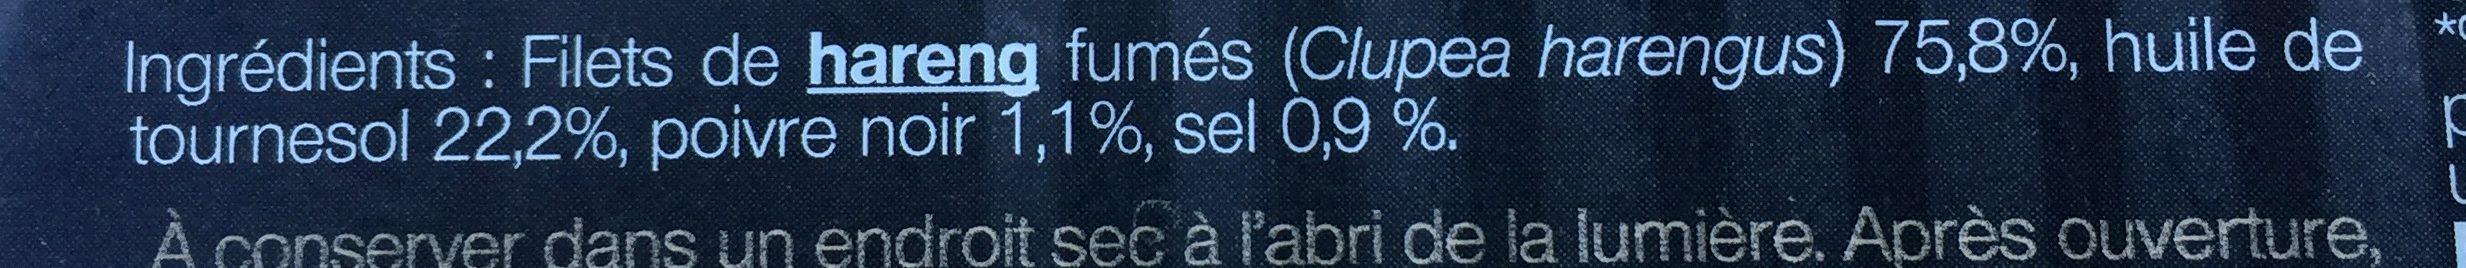 Filets de hareng fumes - Ingredienti - fr